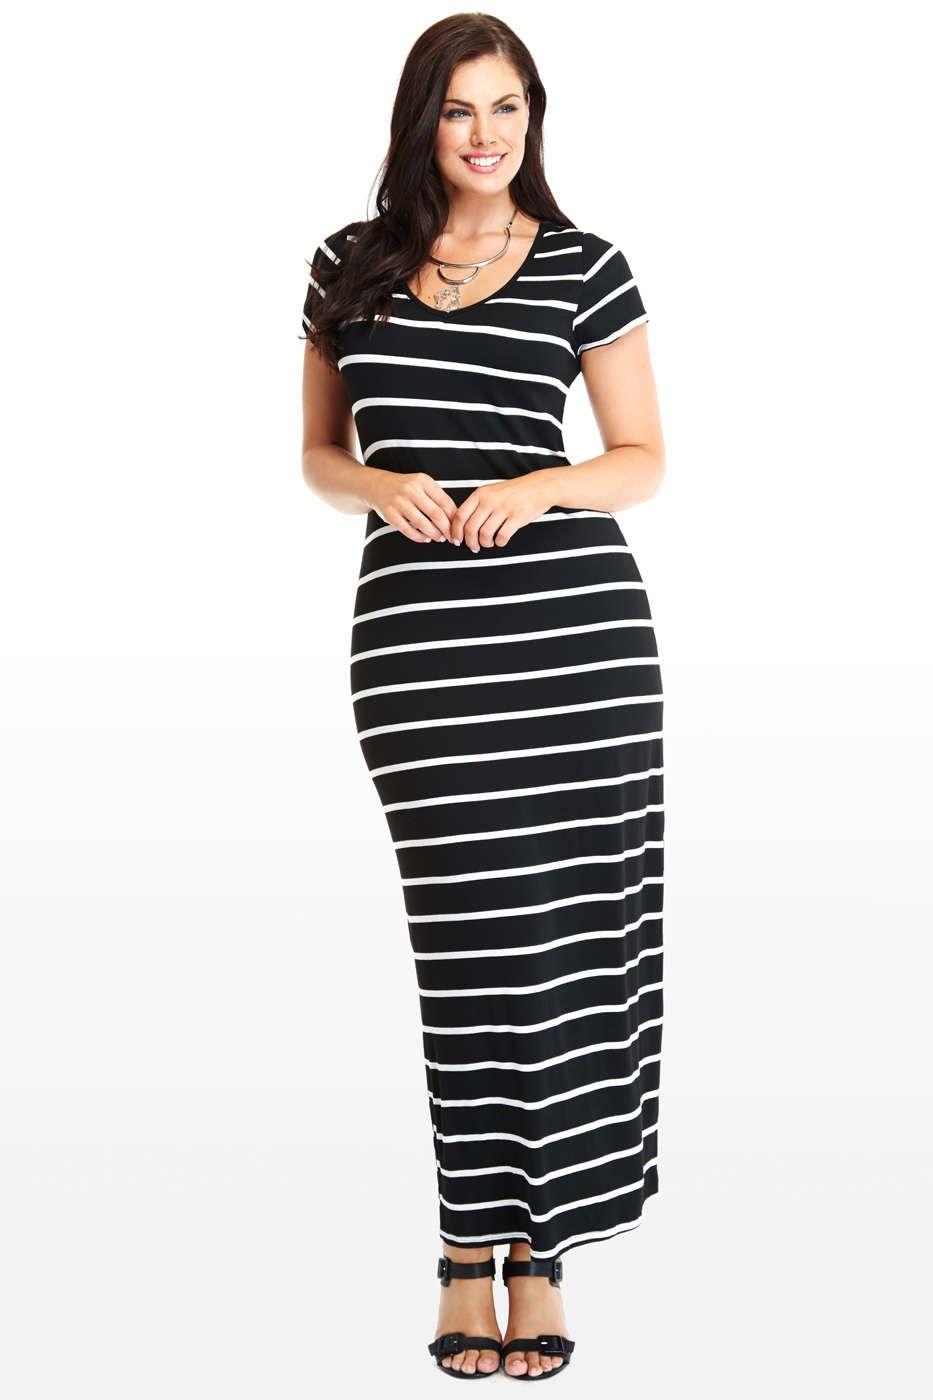 527036e91539f Plus Size Bayshore Maxi Dress in Black - Fashion To Figure